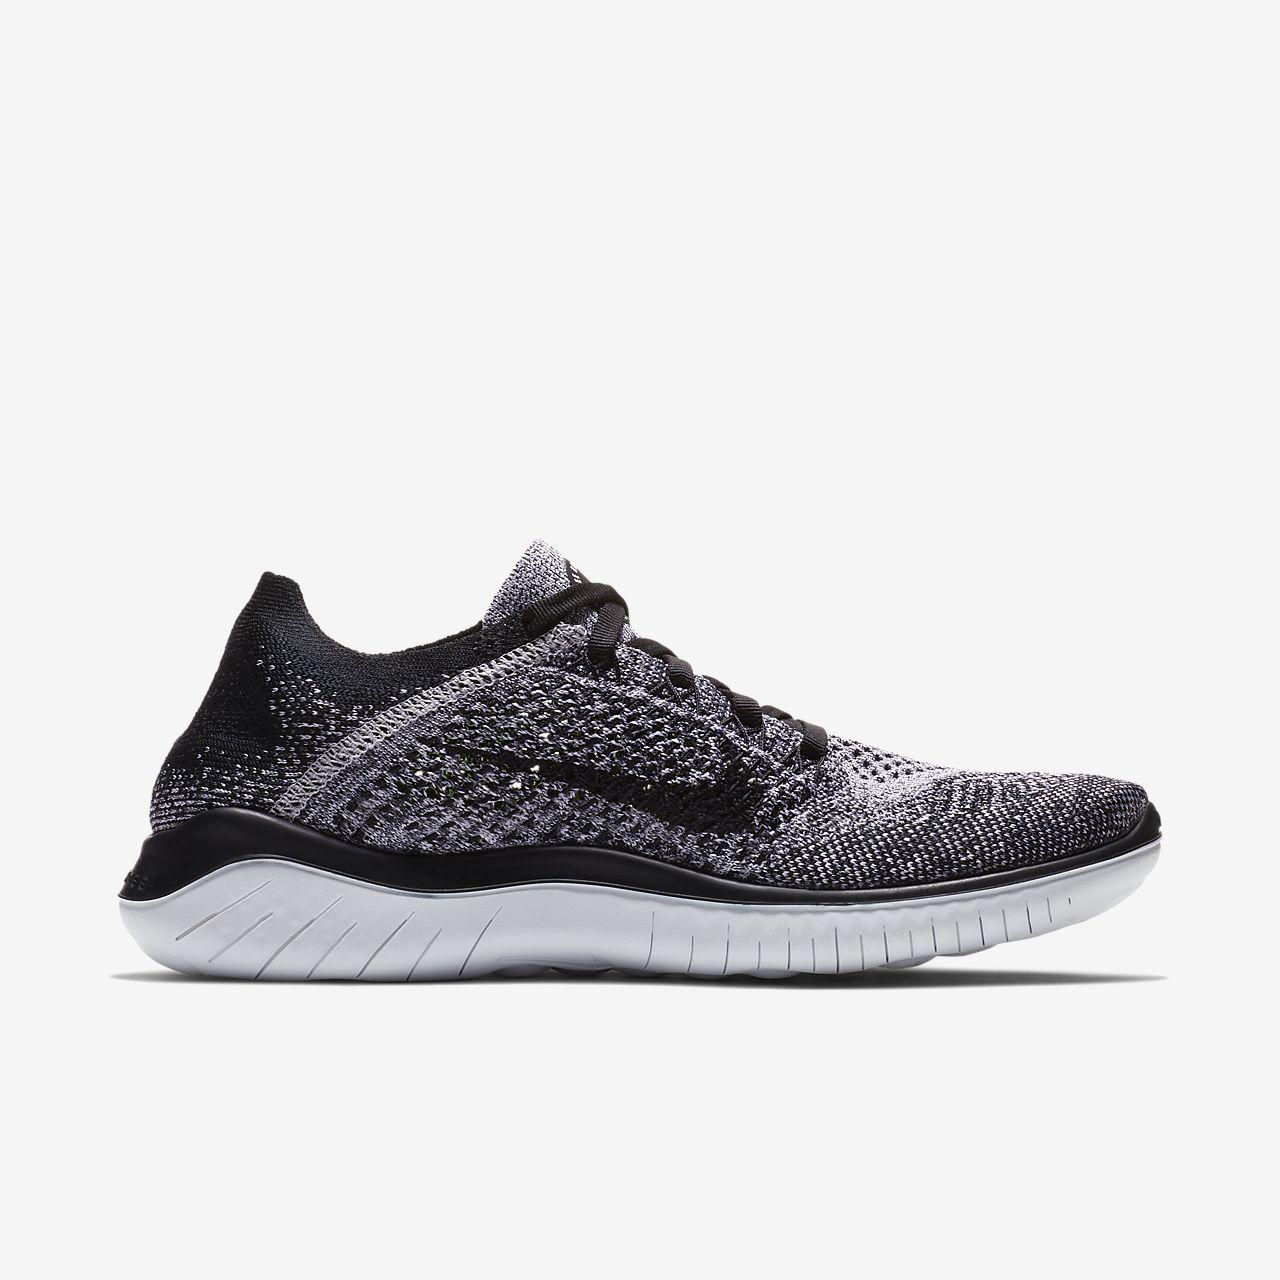 ... Nike Free RN Flyknit 2018 Women's Running Shoe